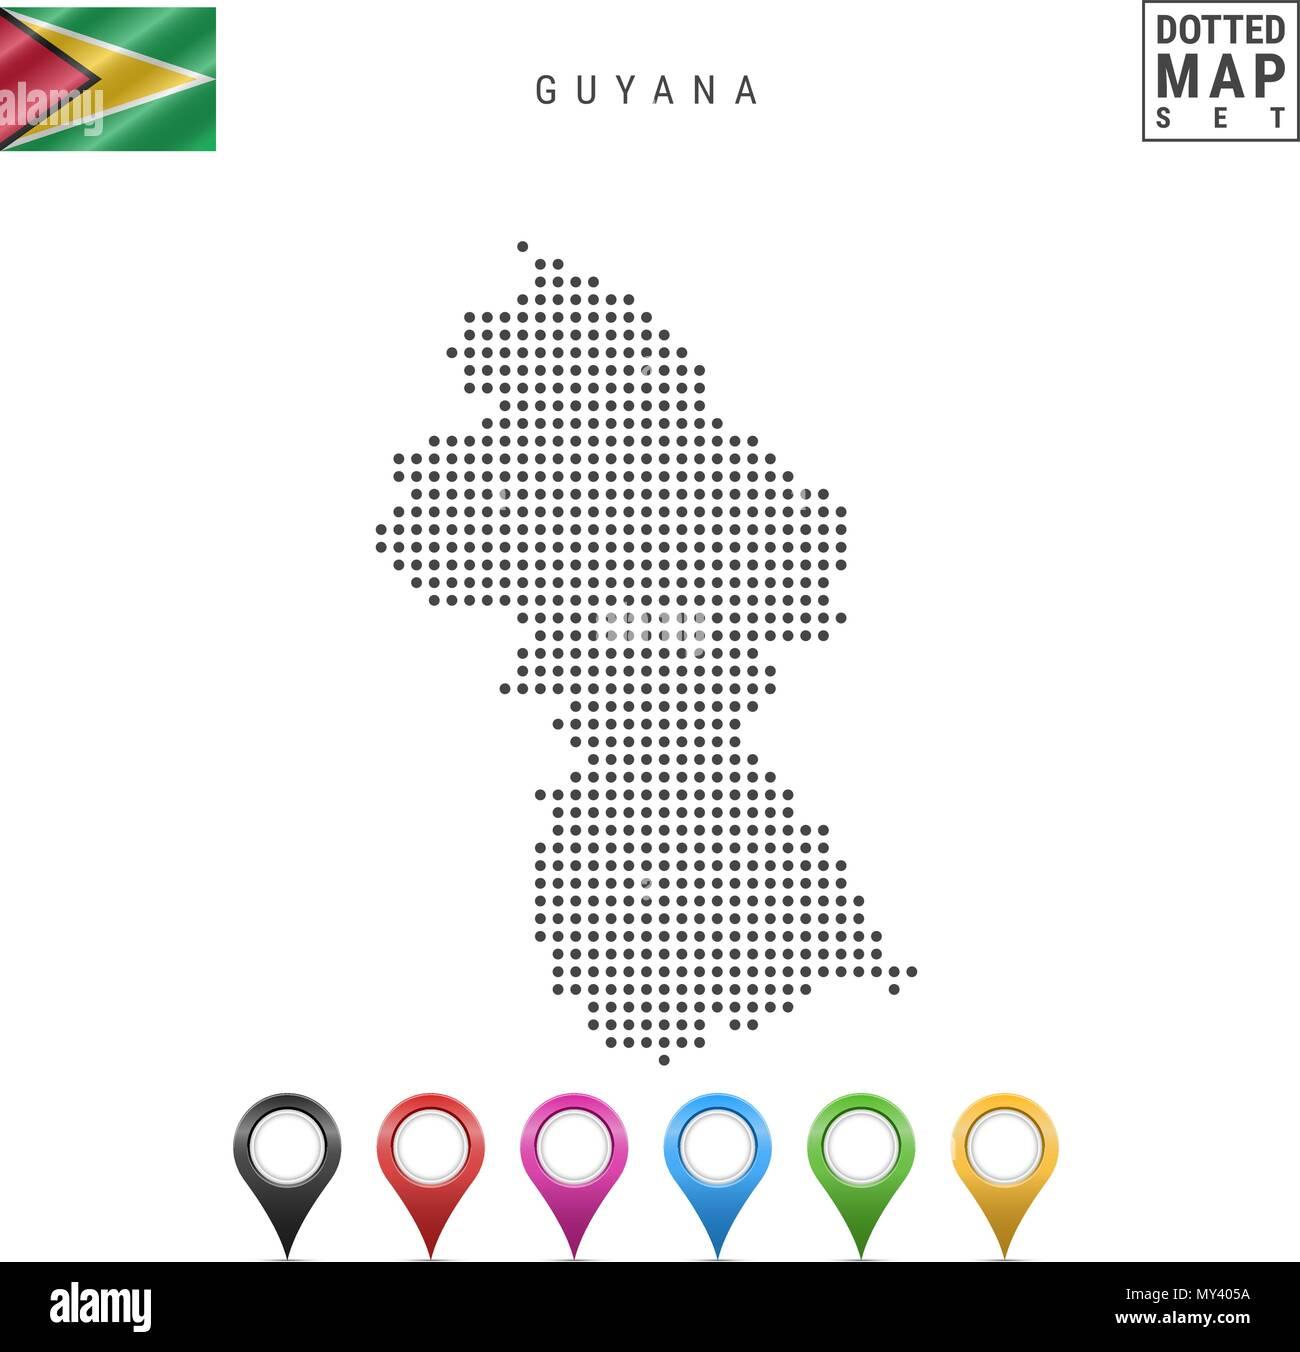 La carte à points vecteur du Guyana. Silhouette simple du Guyana. Le drapeau national du Guyana. Ensemble de marqueurs carte multicolore Illustration de Vecteur